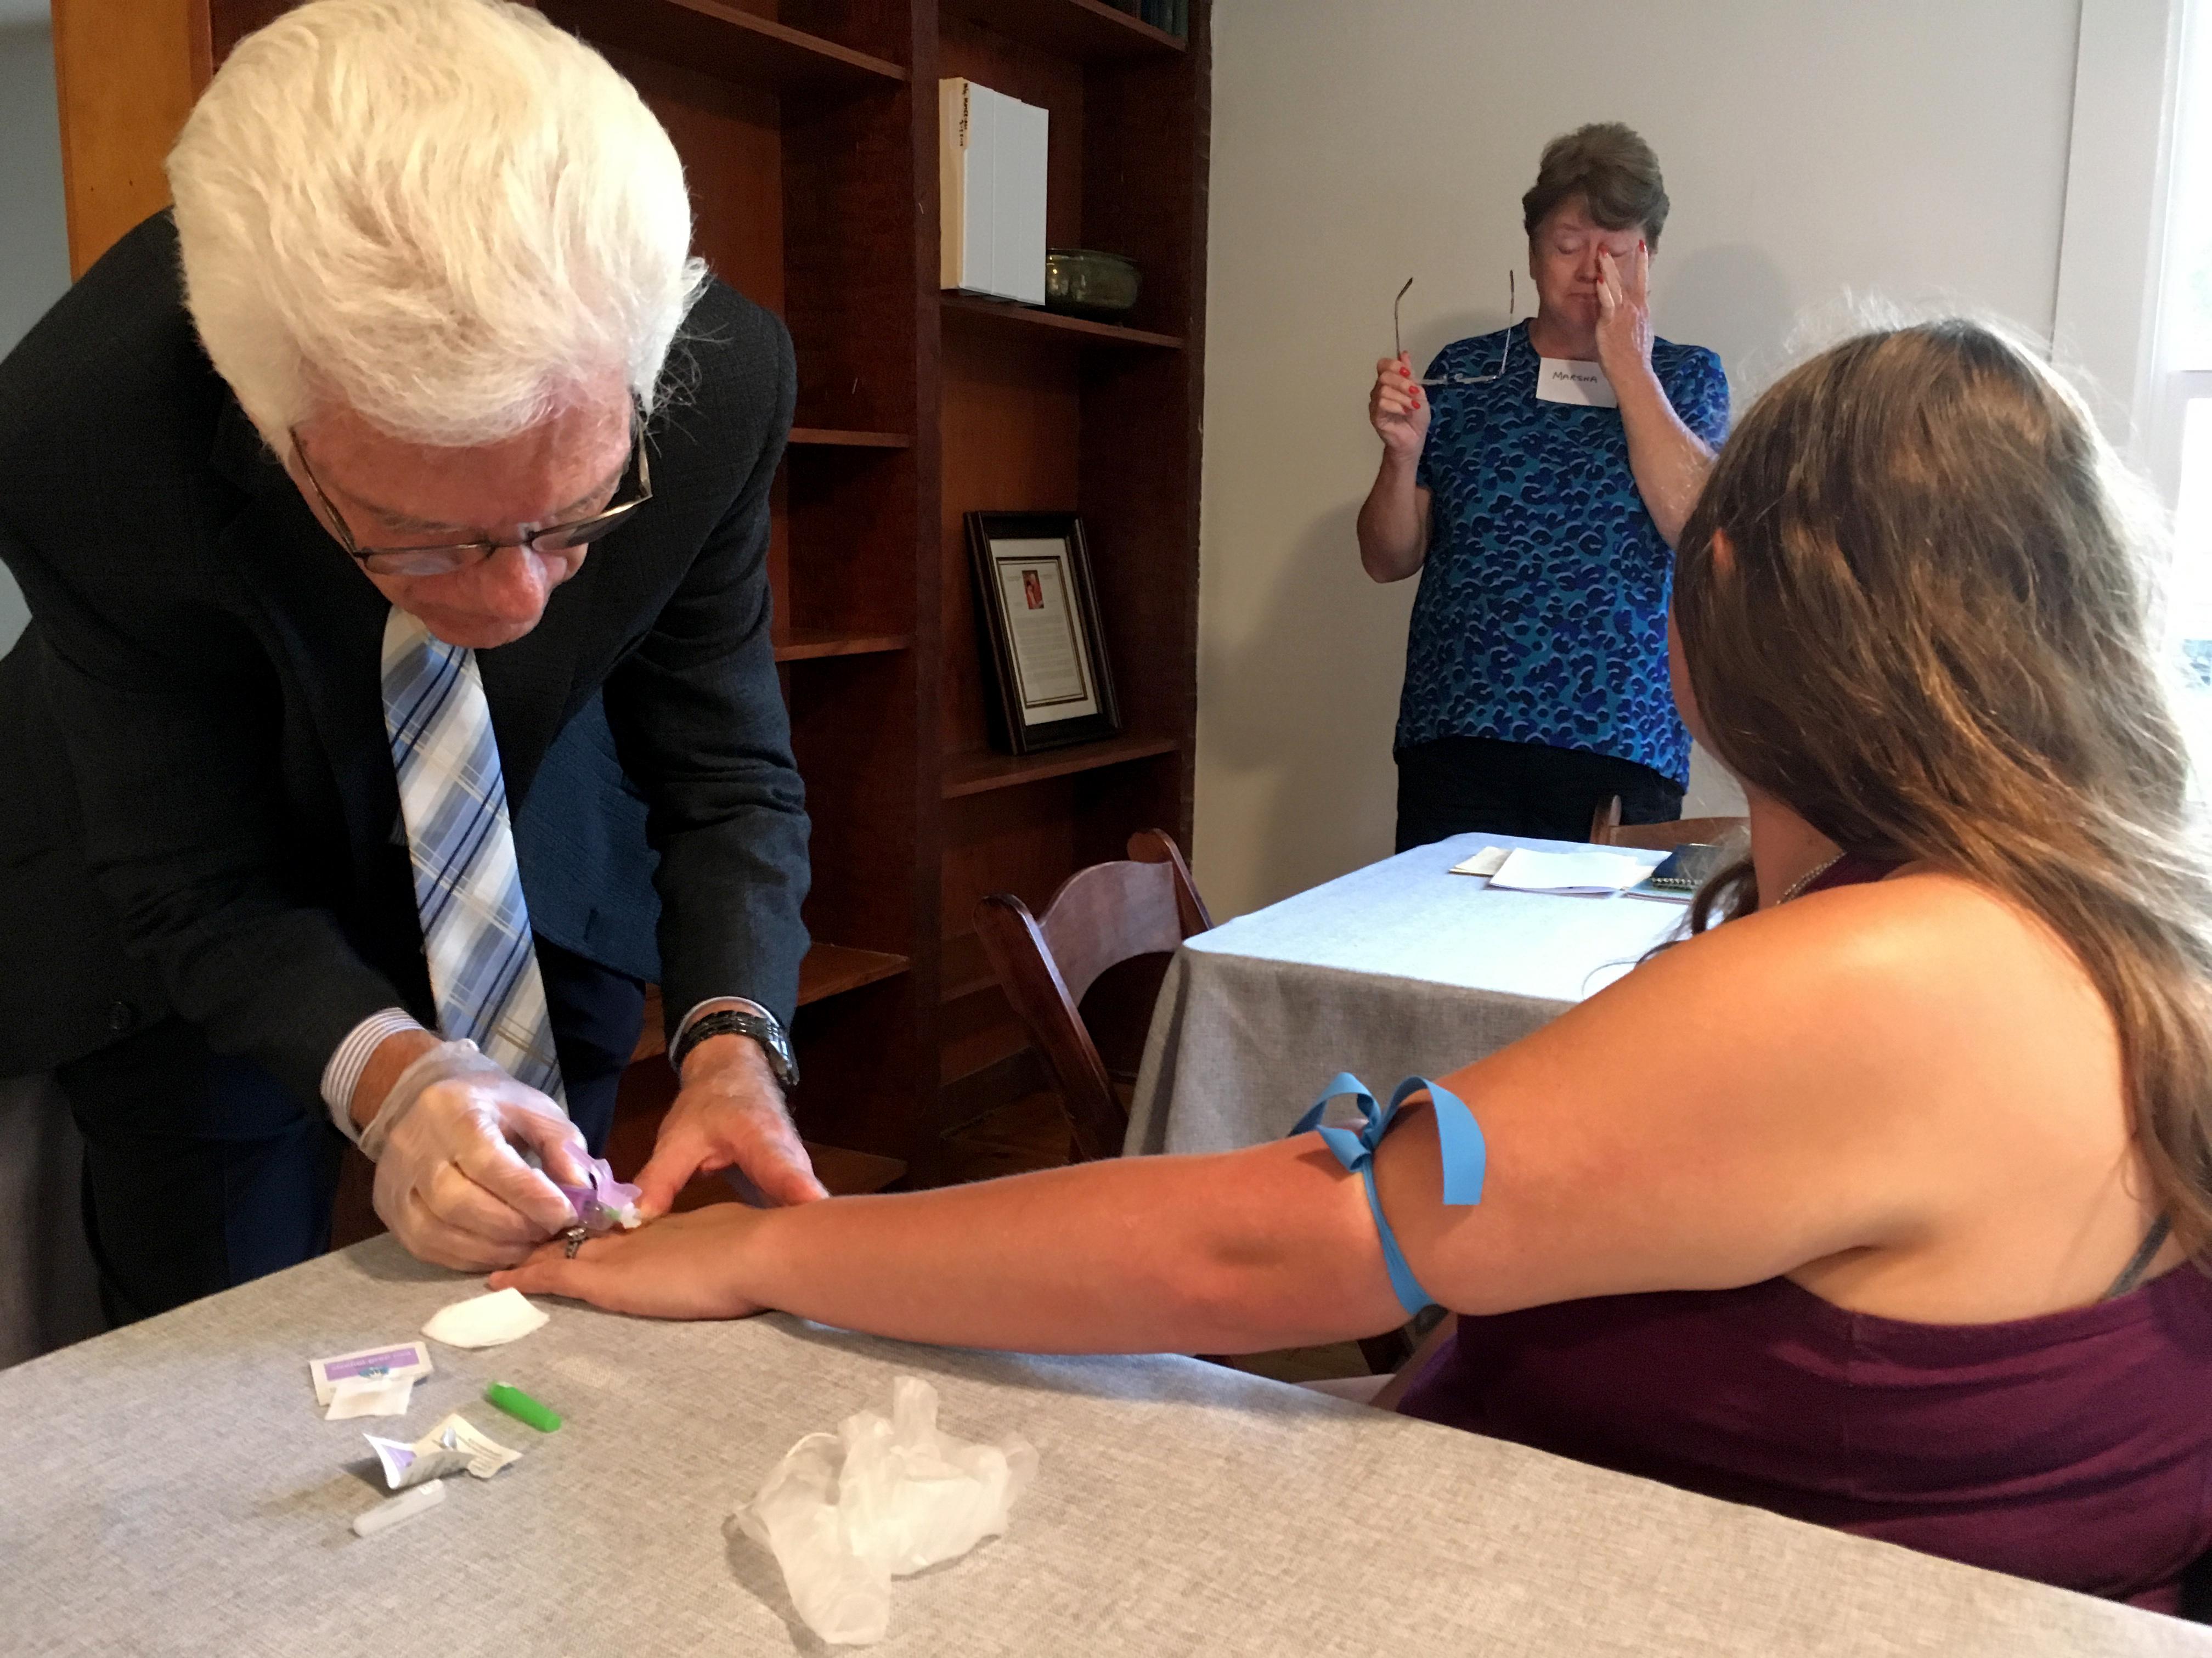 2 Nurses In Tennessee Preach 'Diabetes Reversal'